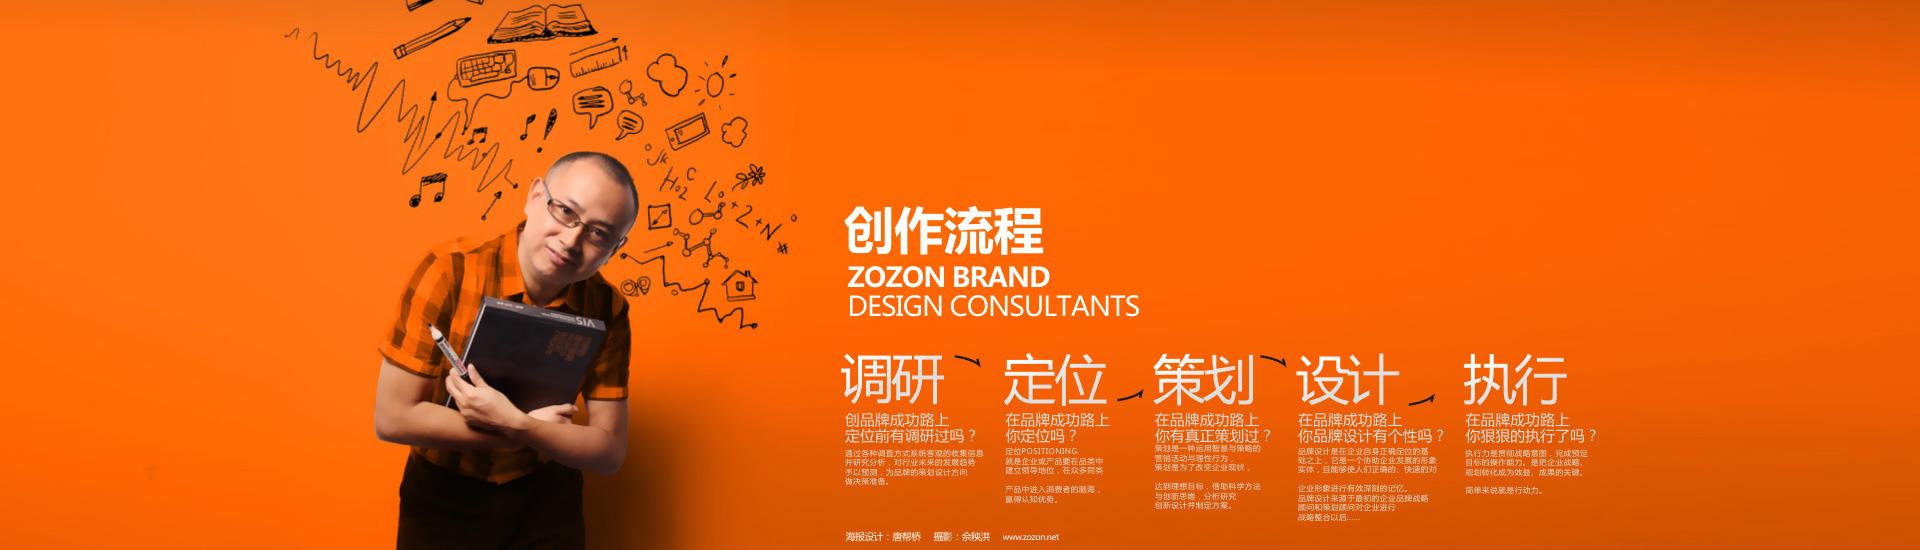 品牌设计 佐众一站式品牌策划设计 广州佐众广告设计公司 佐众设计